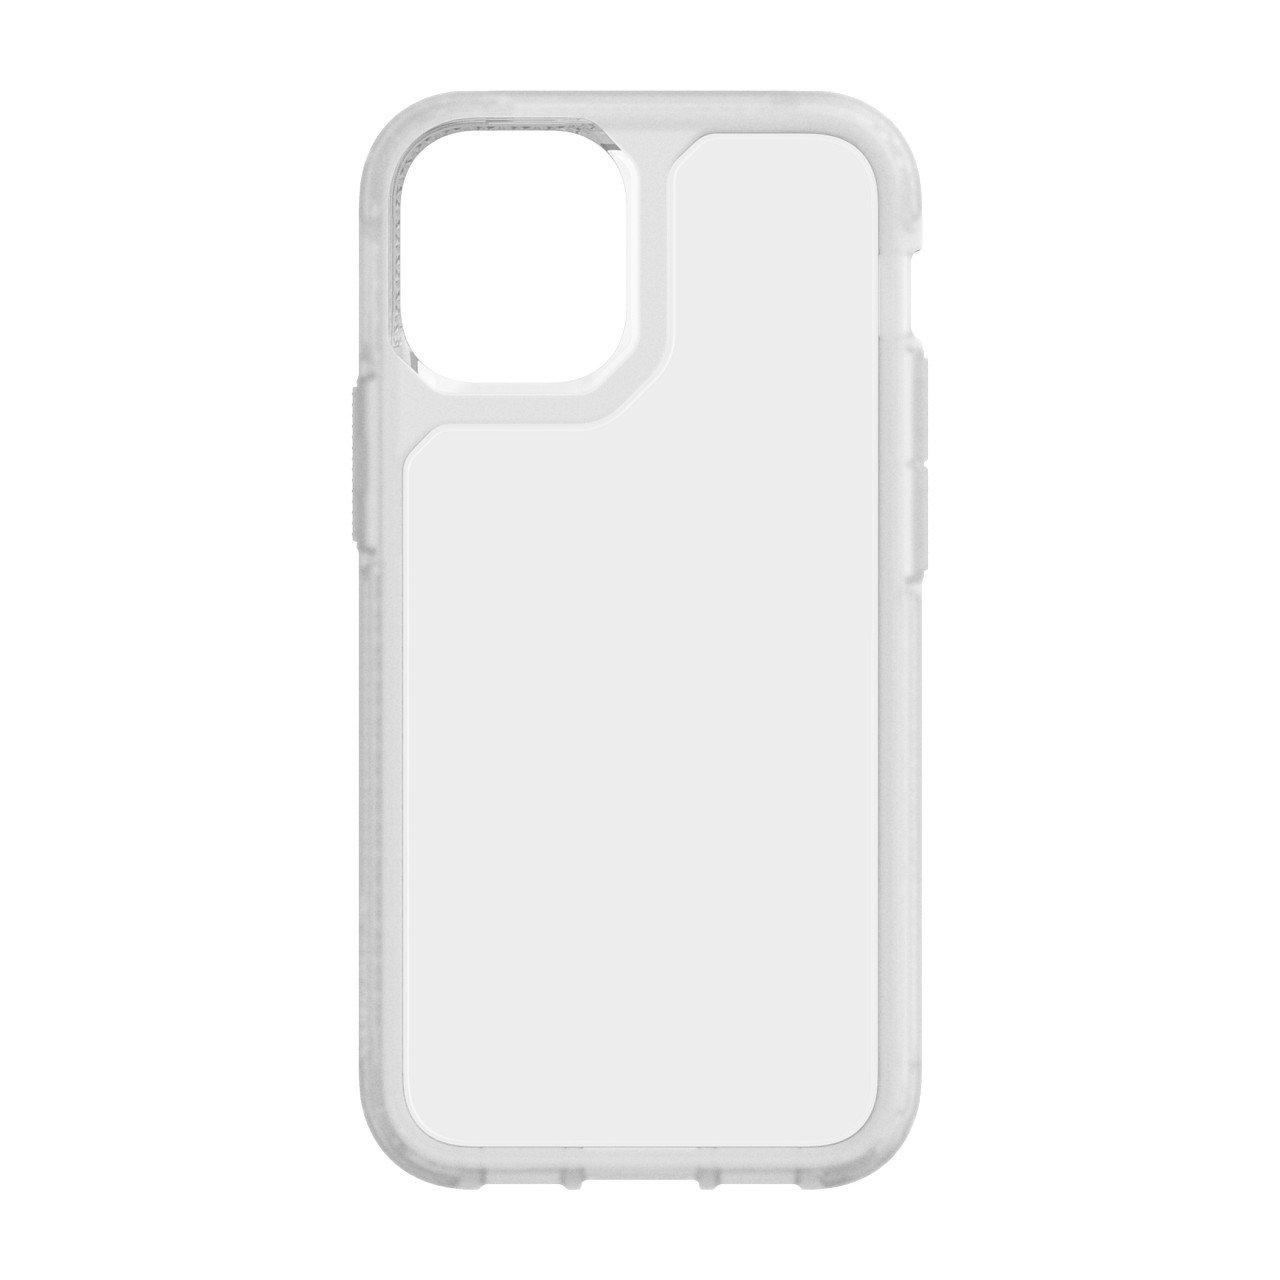 """Griffin Survivor Strong mobile phone case 13.7 cm (5.4"""") Cover Transparent"""